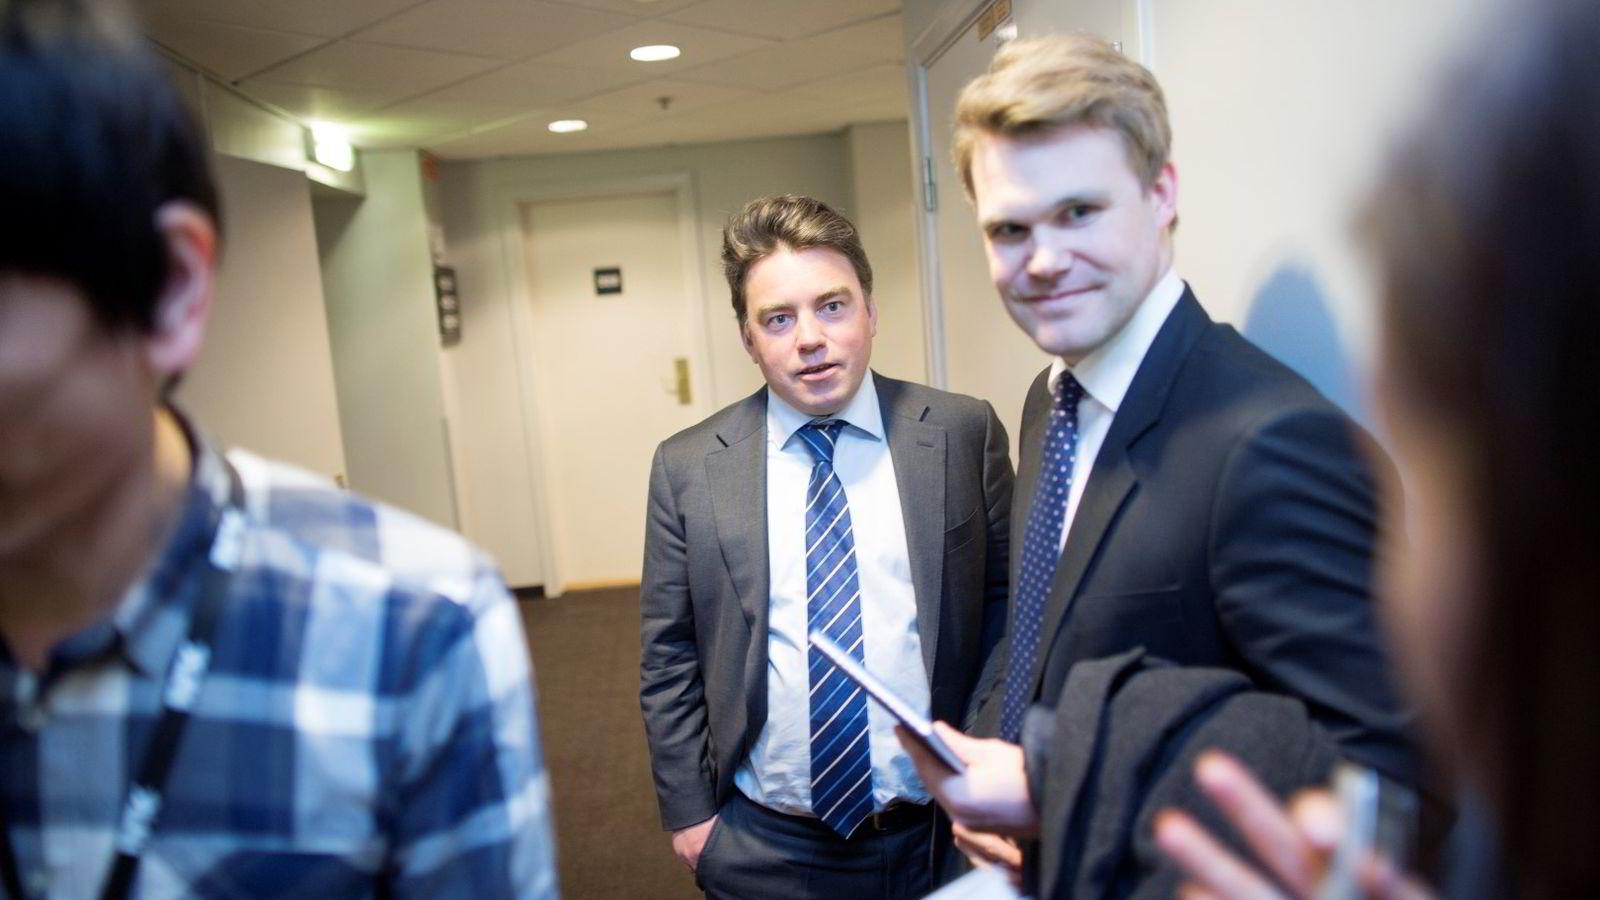 Aldri før har en lignende sak utspilt seg i Norge, sier partner Harald Strømstad i DLA Piper, her med kollega Fredrik Verling til høyre.